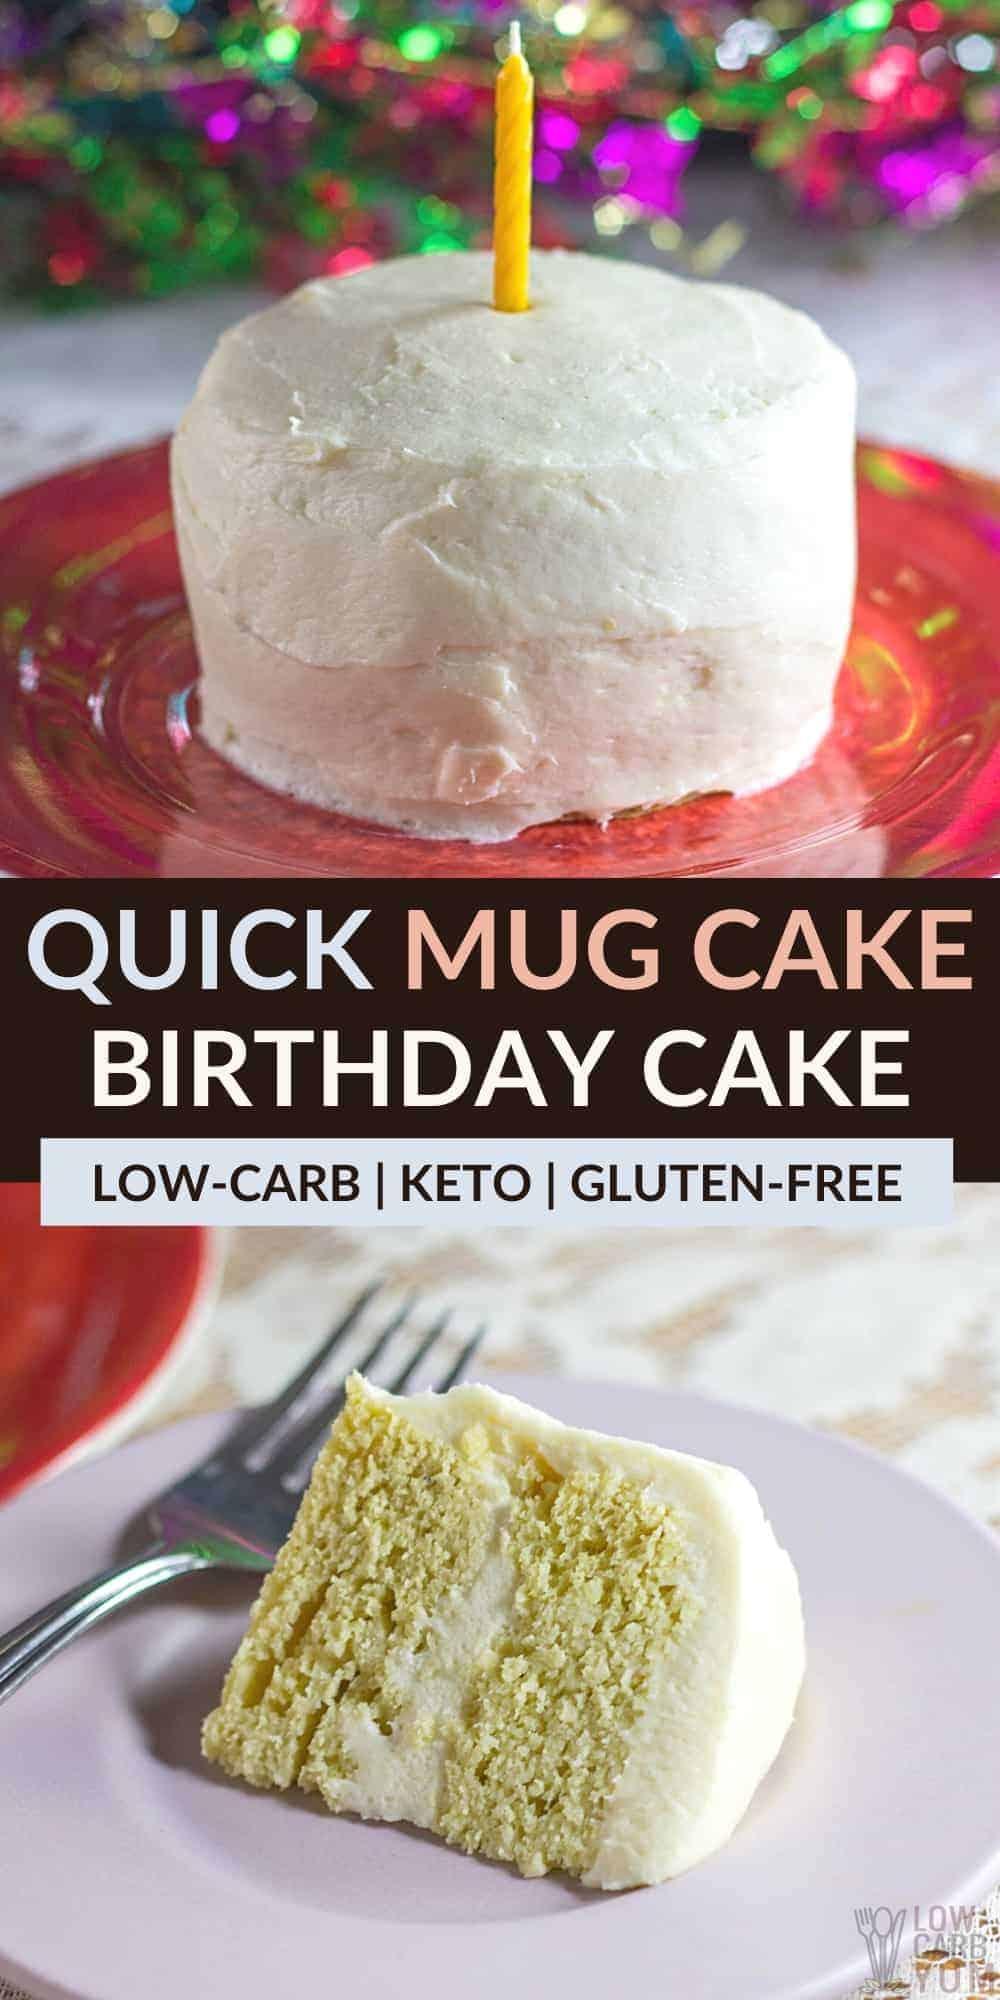 mug cake birthday cake pinterest image